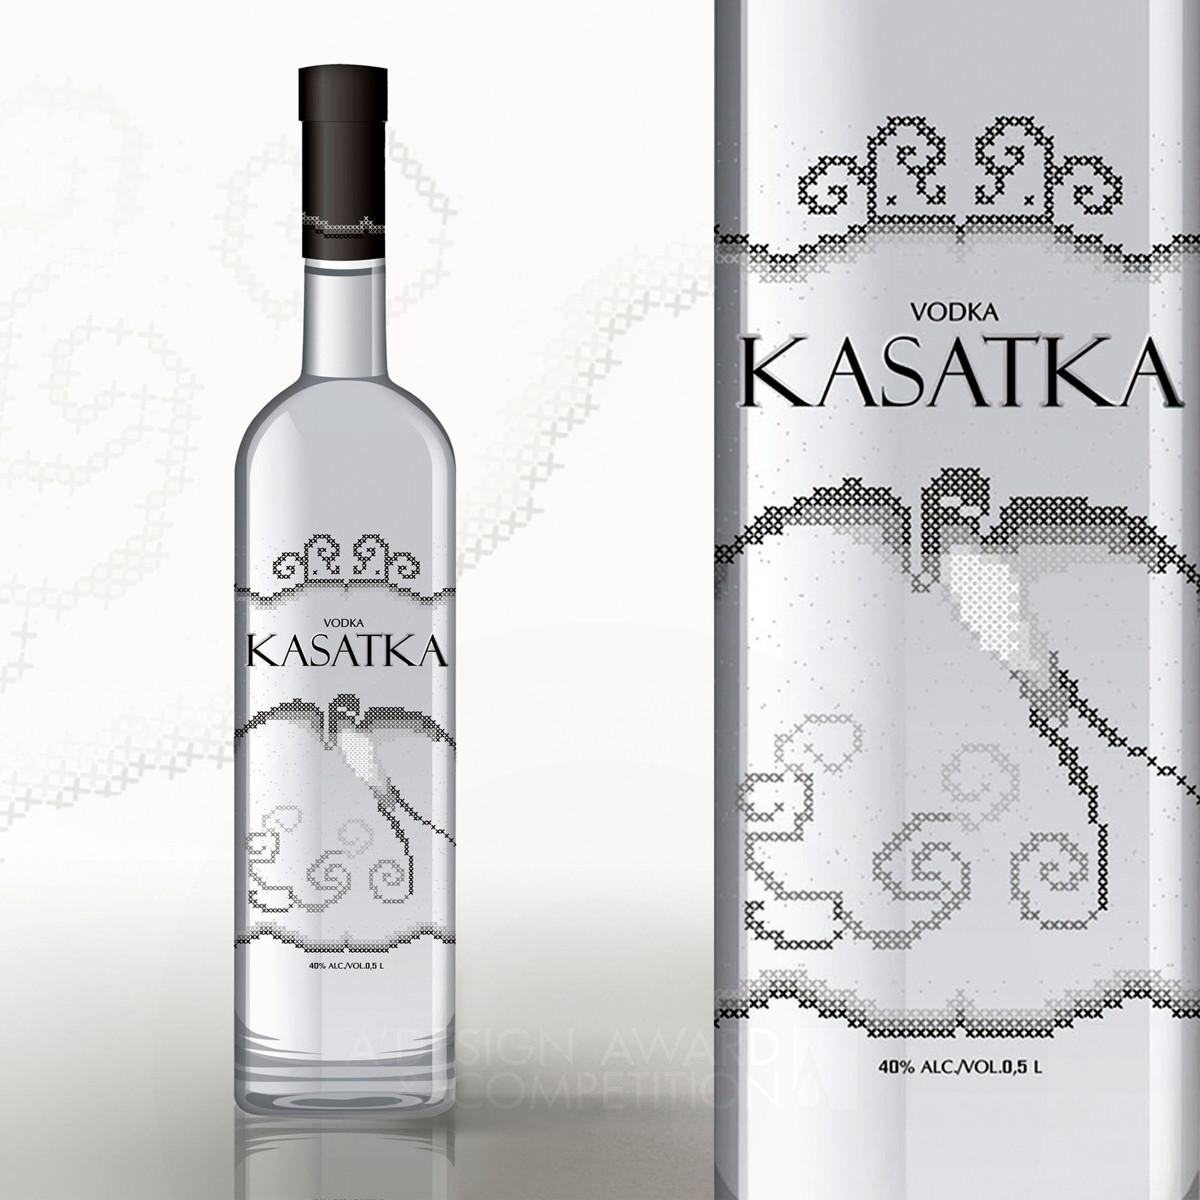 Kasatka Vodka